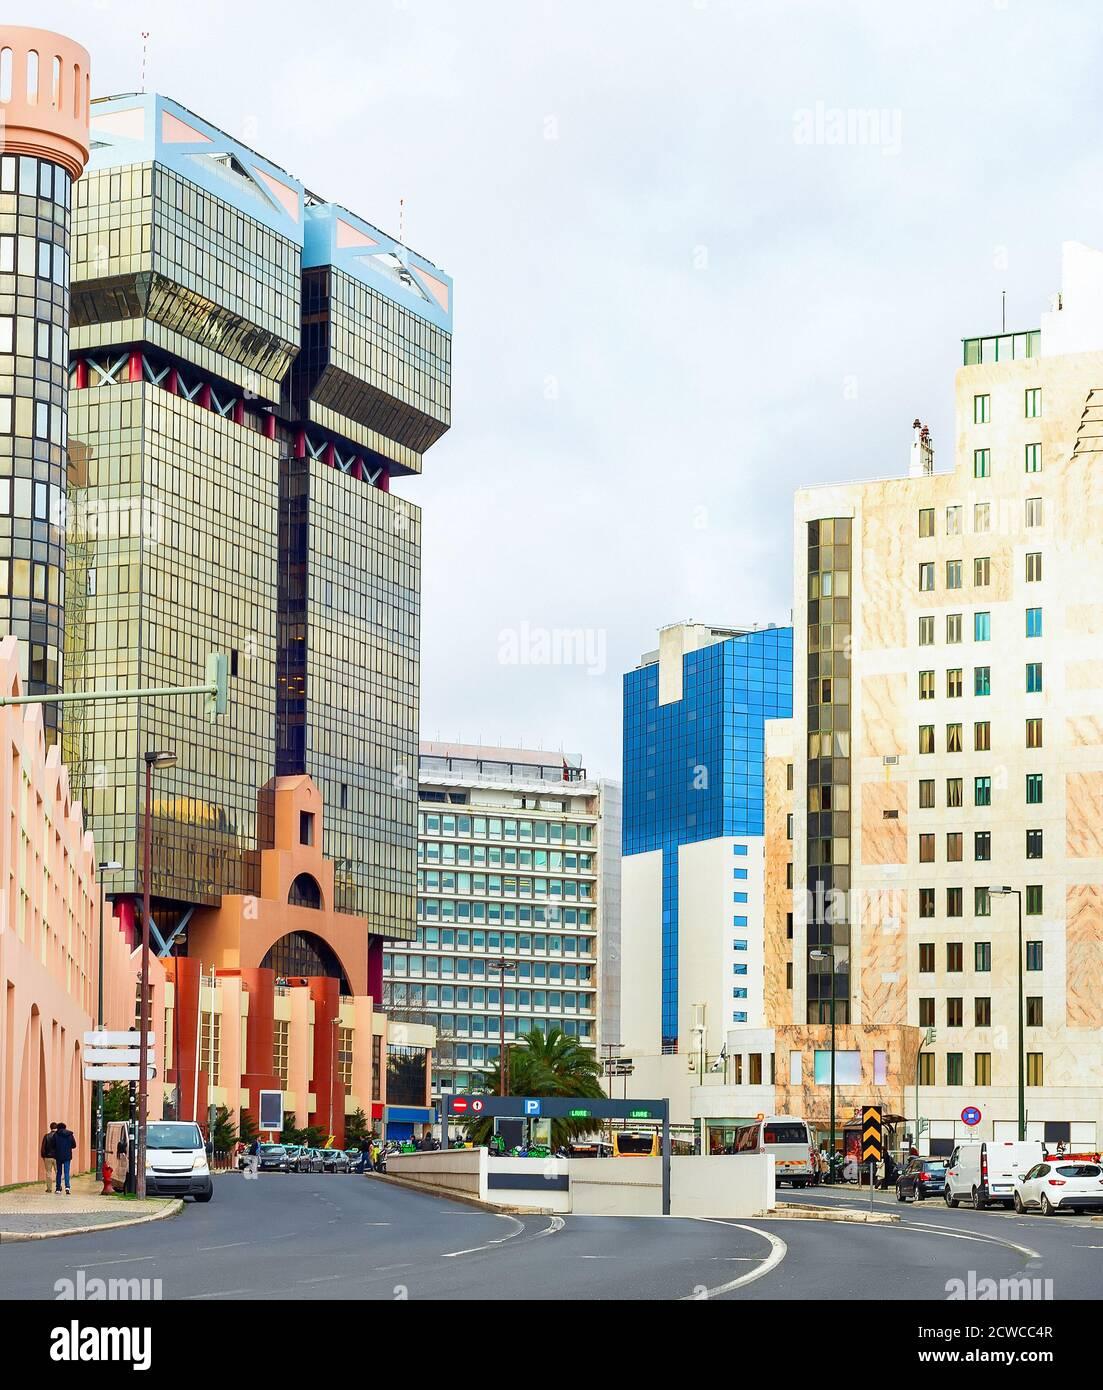 Downtow Lisbon Street, paysage urbain avec belle architecture moderne, Portugal Banque D'Images